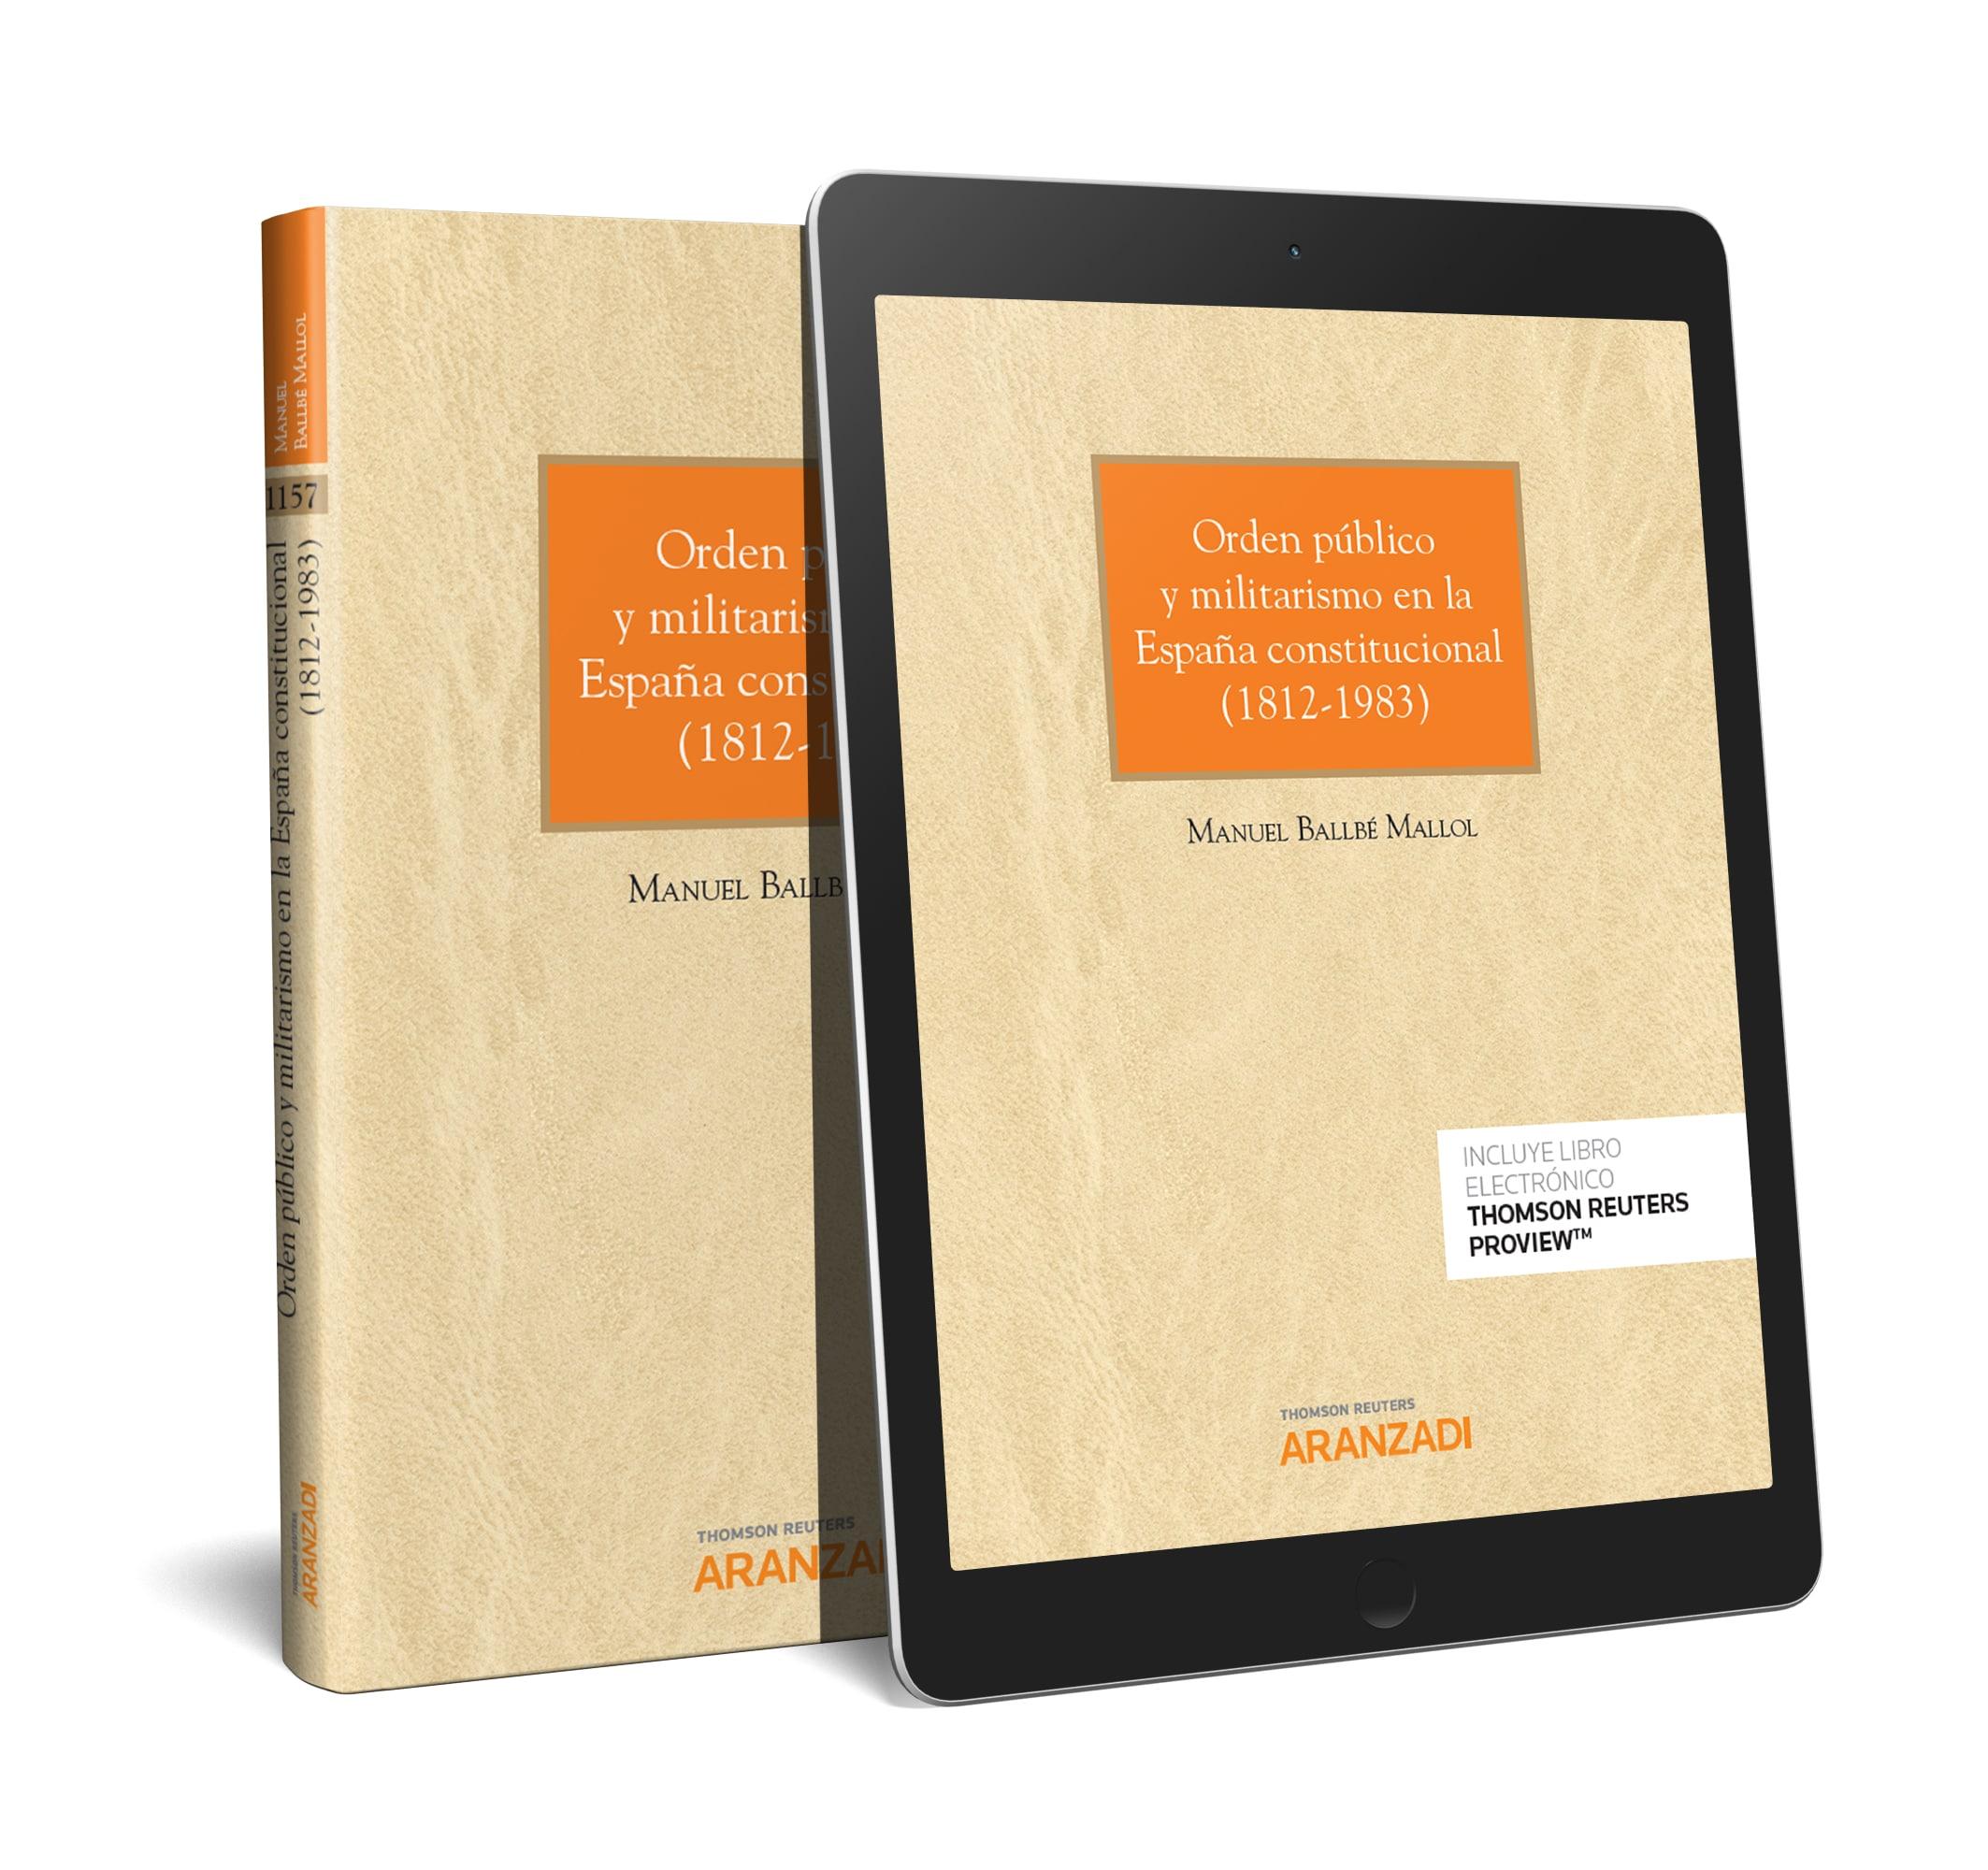 Orden público y militarismo en la España constitucional ( 1812-1983) (Papel + e-book)